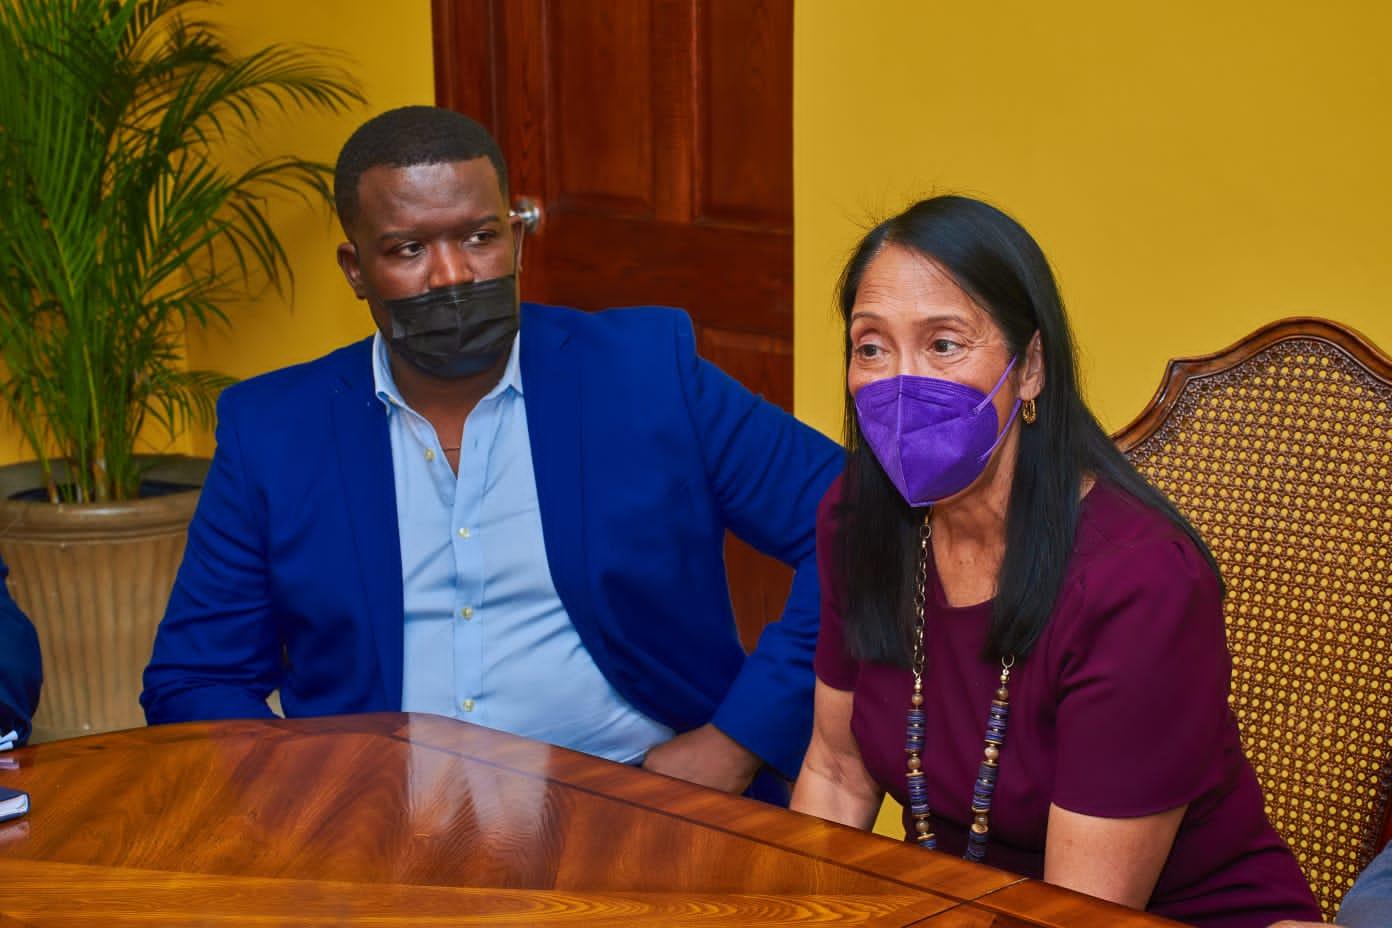 Séisme: la délégation d'élus américains d'origine haïtienne s'est entretenue avec le responsable de l'USAID